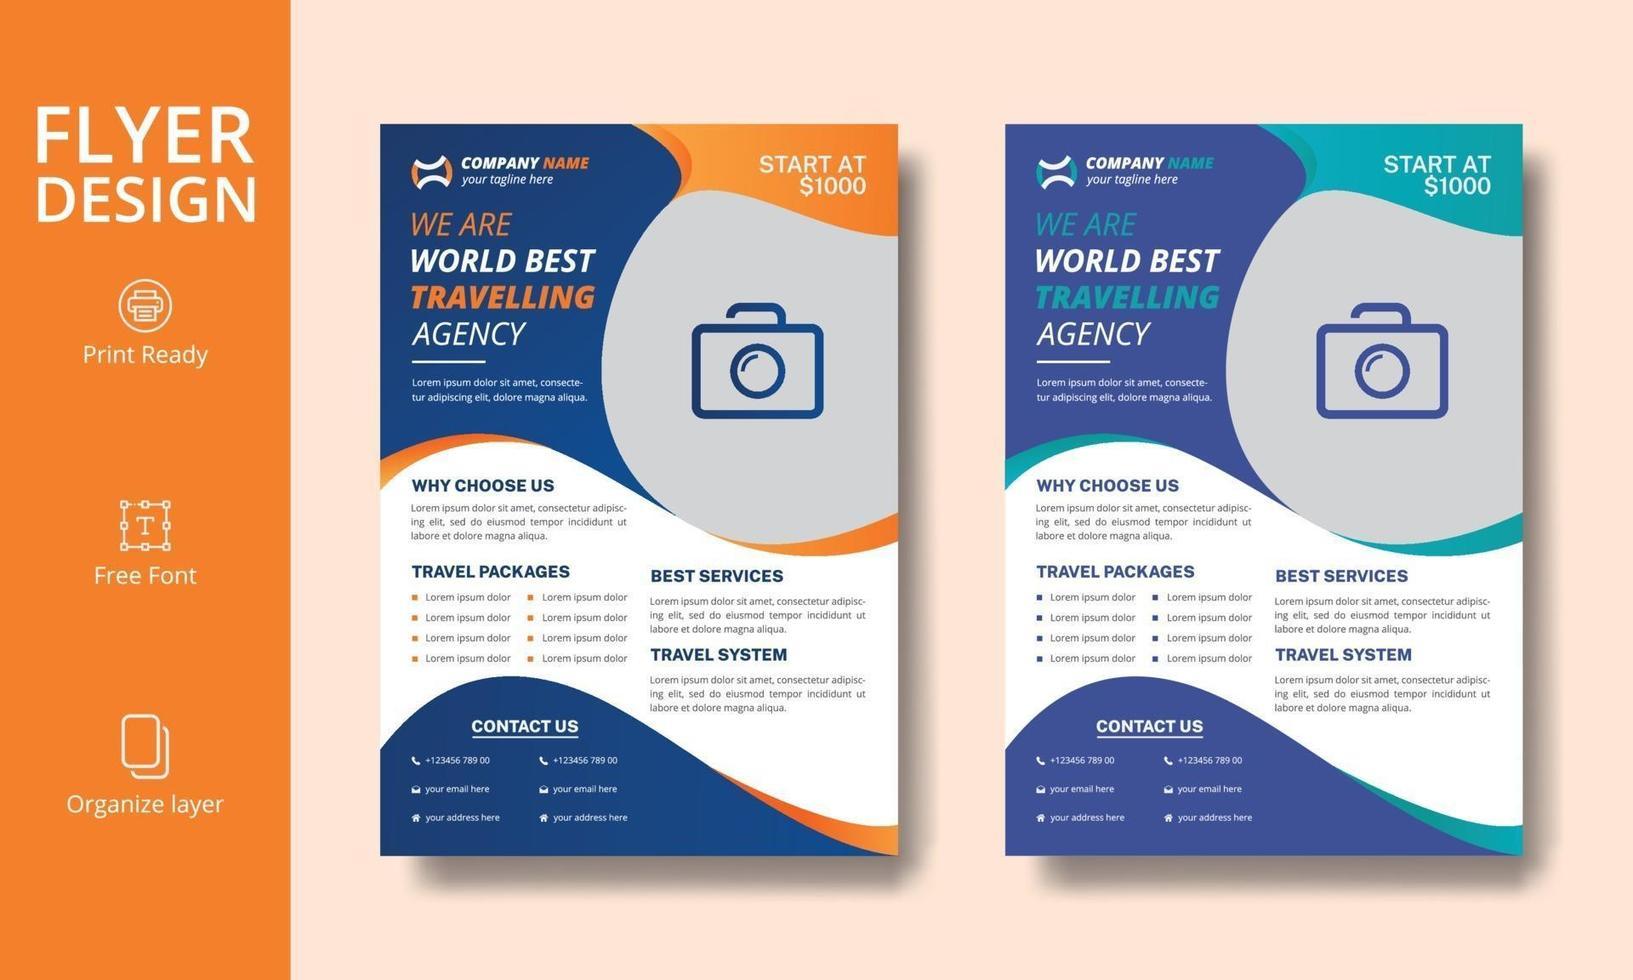 kreatives professionelles orange und blaues Reisebüro-Fliegerdesign vektor